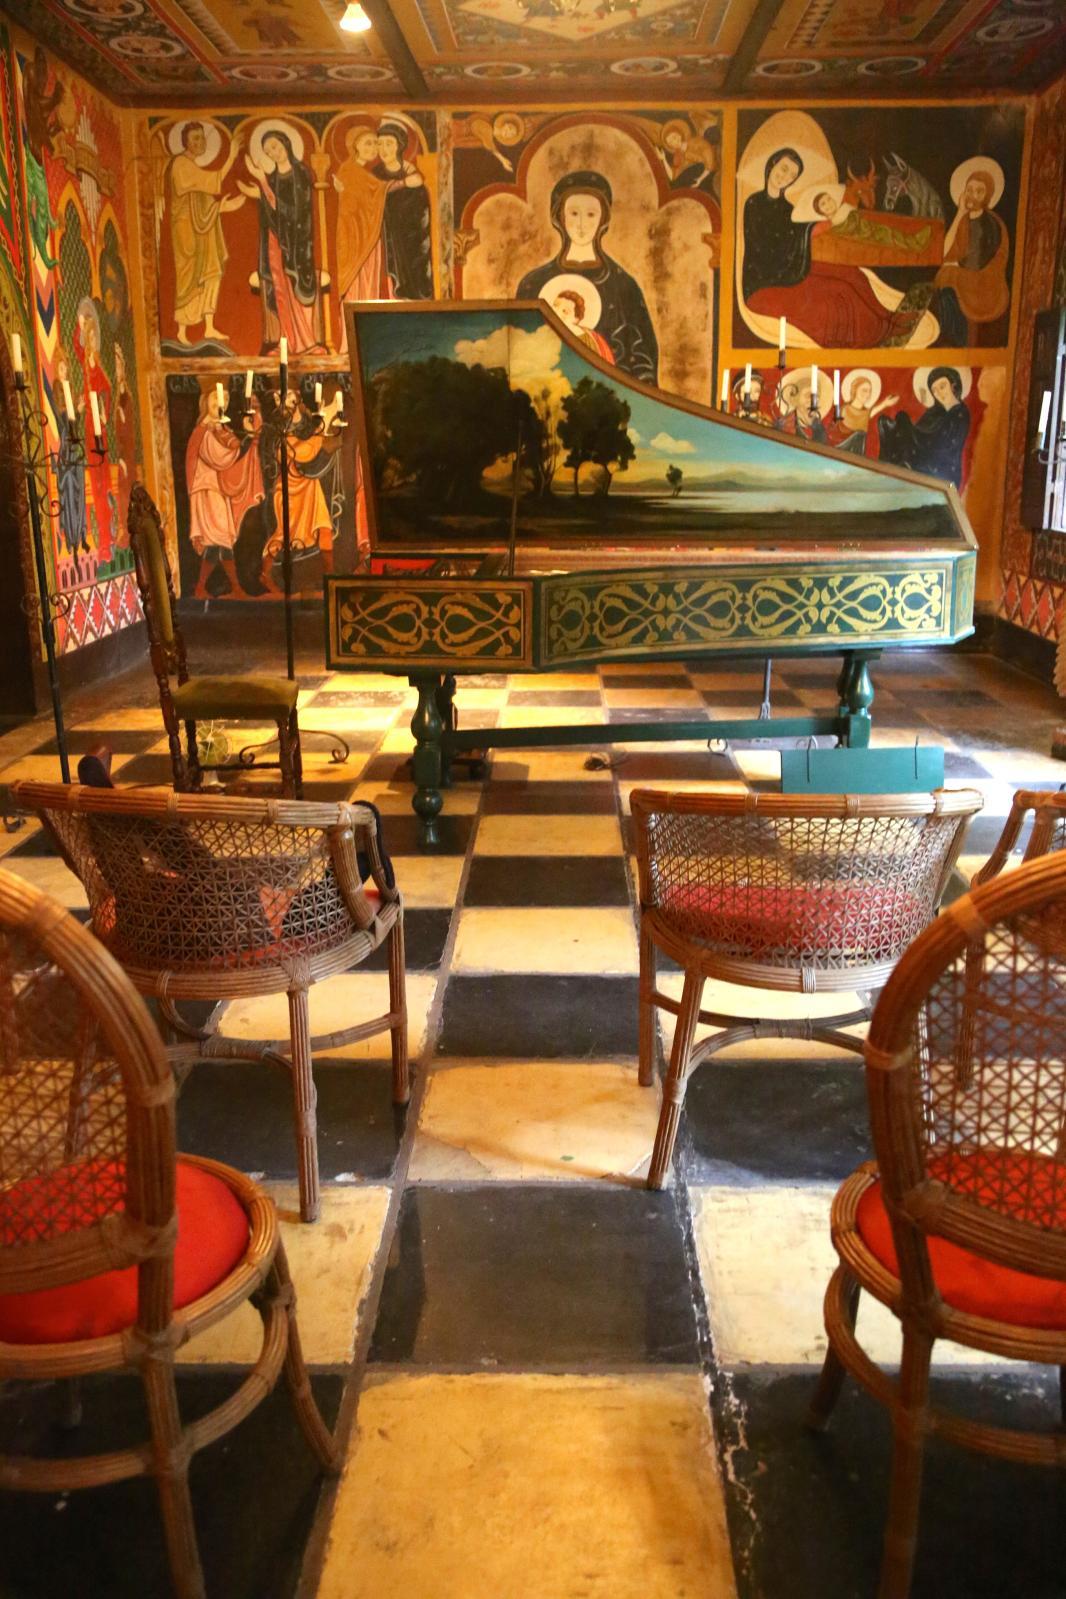 À Rio, la Capela Magdalena, à la fois chapelle, lieu de concert et musée privé de reproductions miniatures de trains, bateaux, châteaux et édifices cé